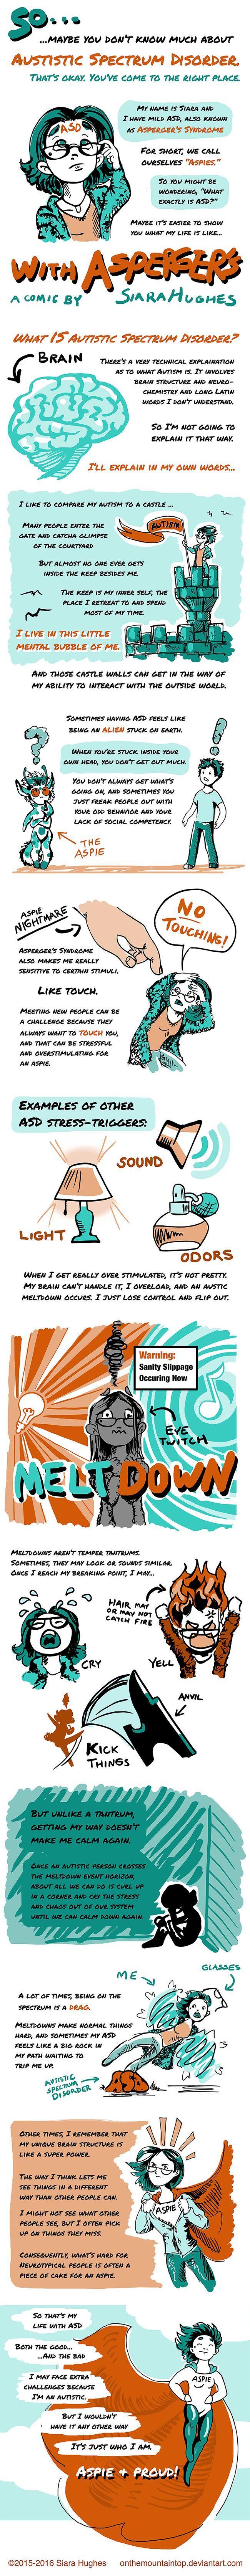 My Life with Asperger's by http://OnTheMountainTop.deviantart.com on @DeviantArt